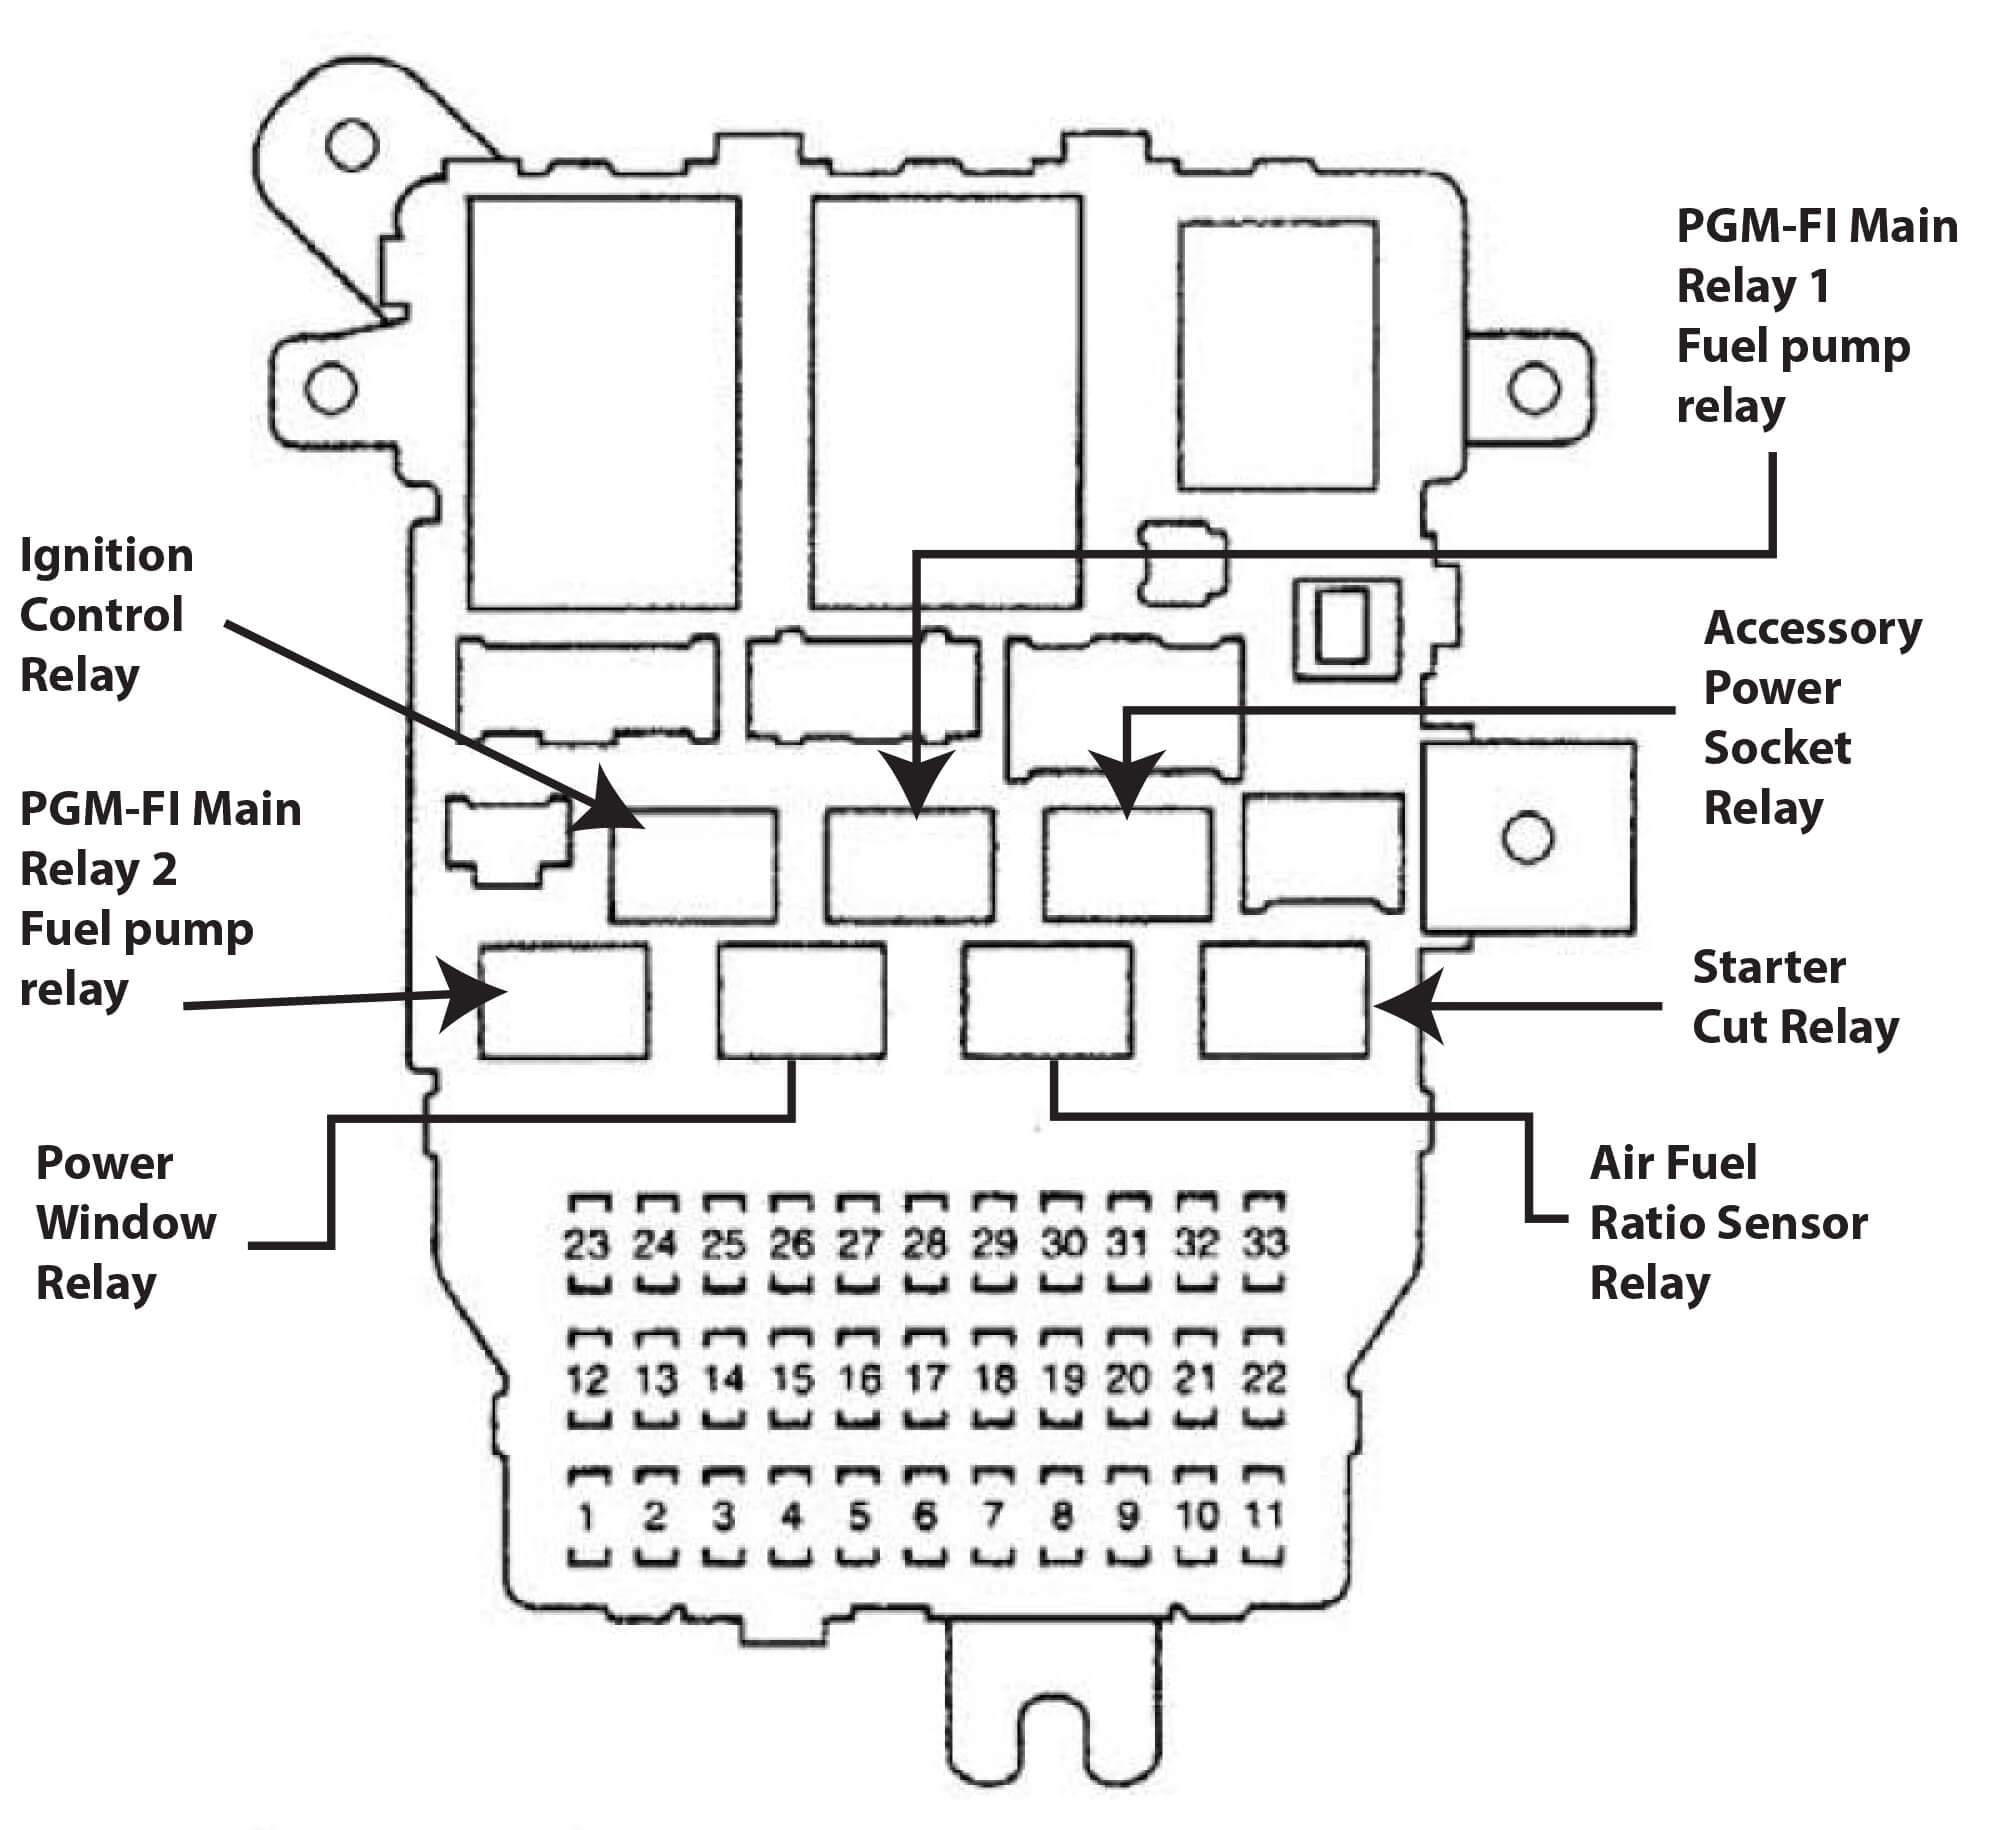 2003 honda accord fuse layout — ricks free auto repair advice ricks free  auto repair advice | automotive repair tips and how-to  rick's free auto repair advice